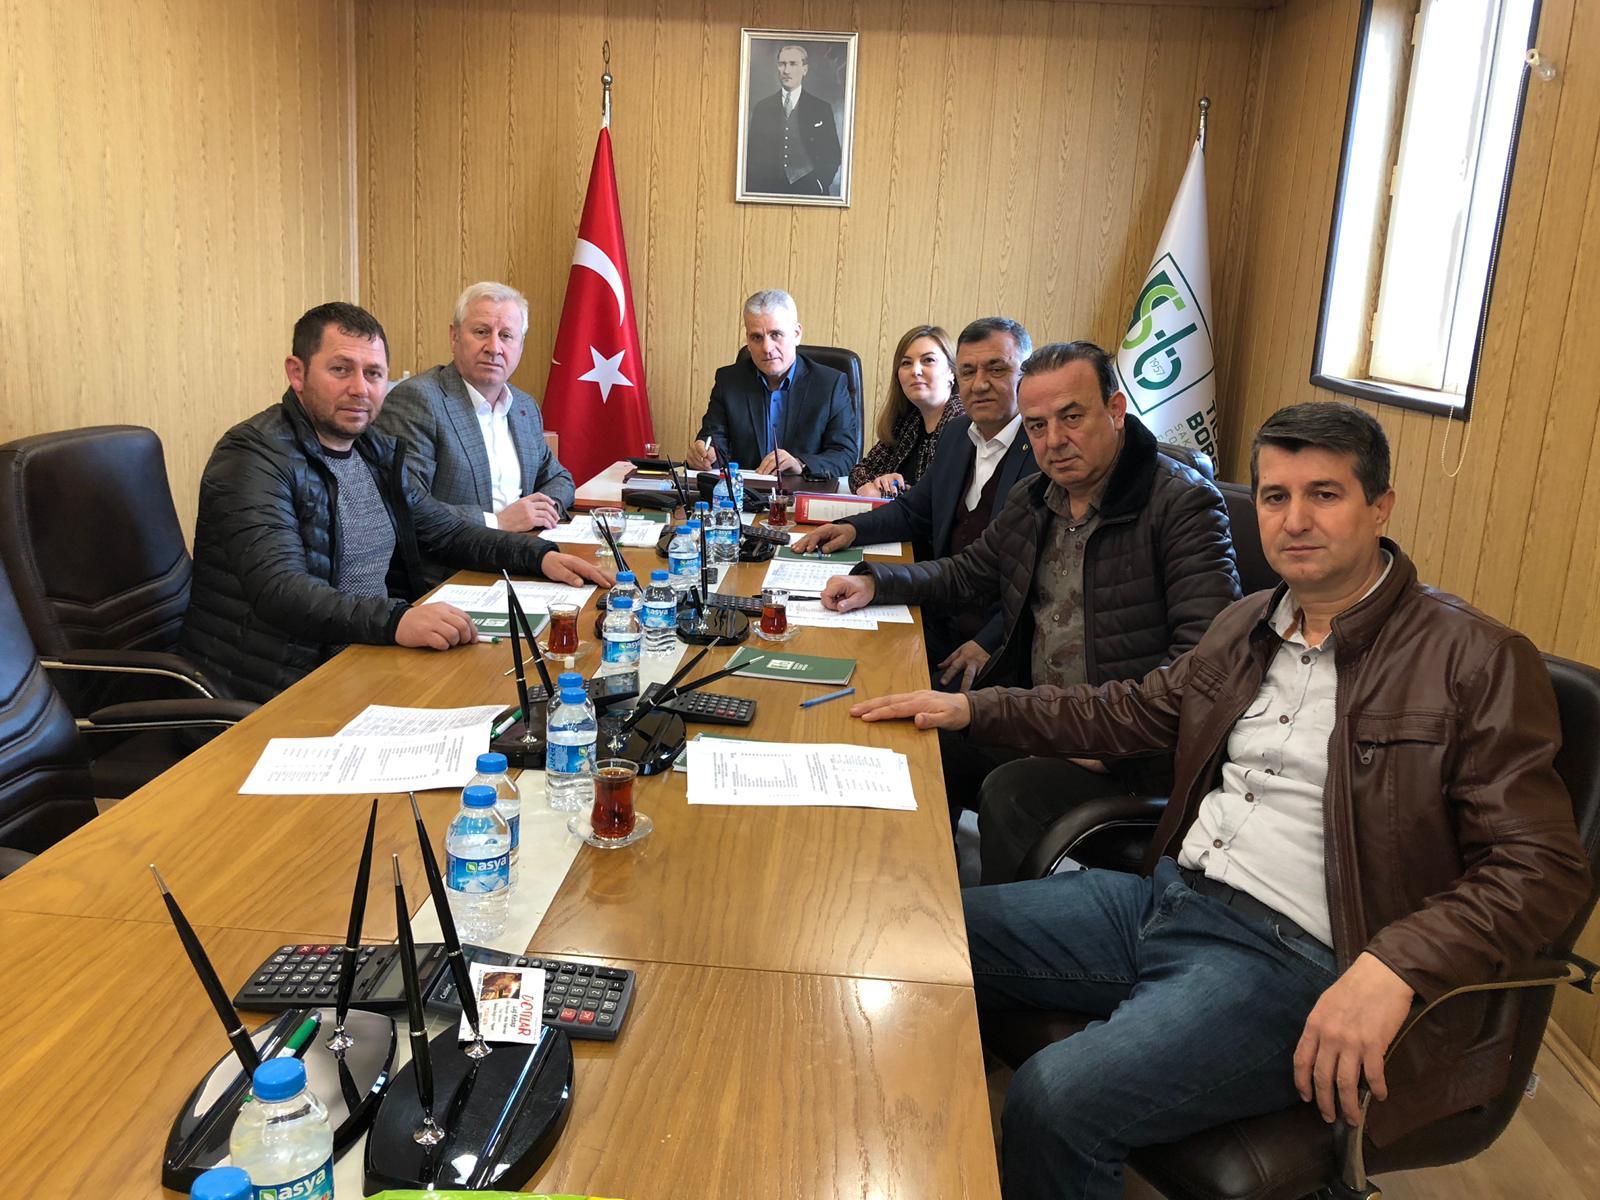 2,4 ve 5. Meslek Komitesi Toplantıları İcra Edildi